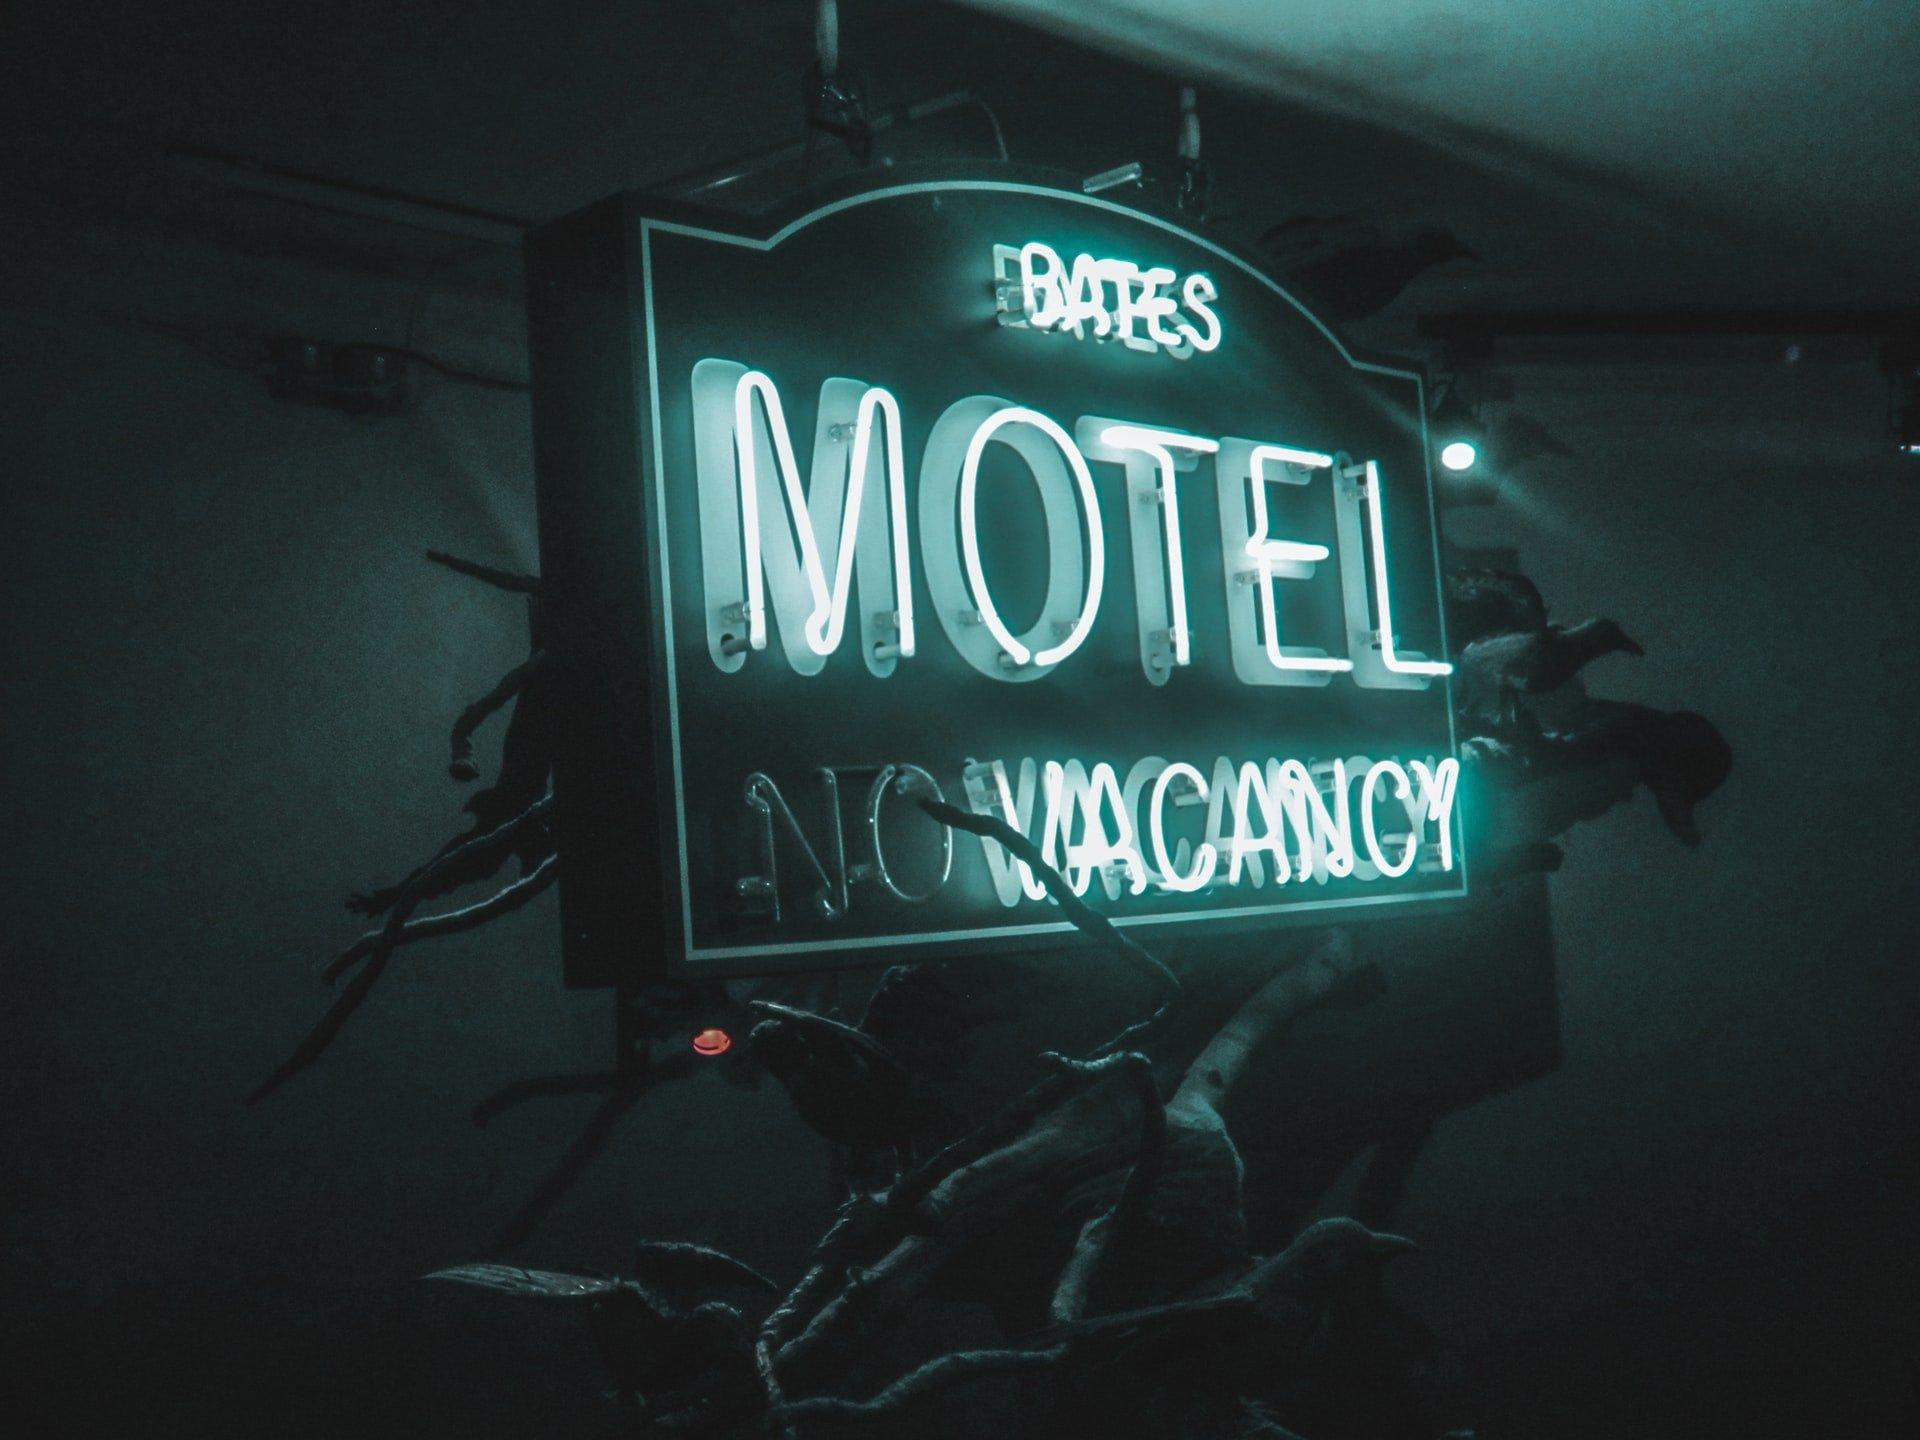 Was hat der Stern für eine Bedeutung in der Hotellerie?